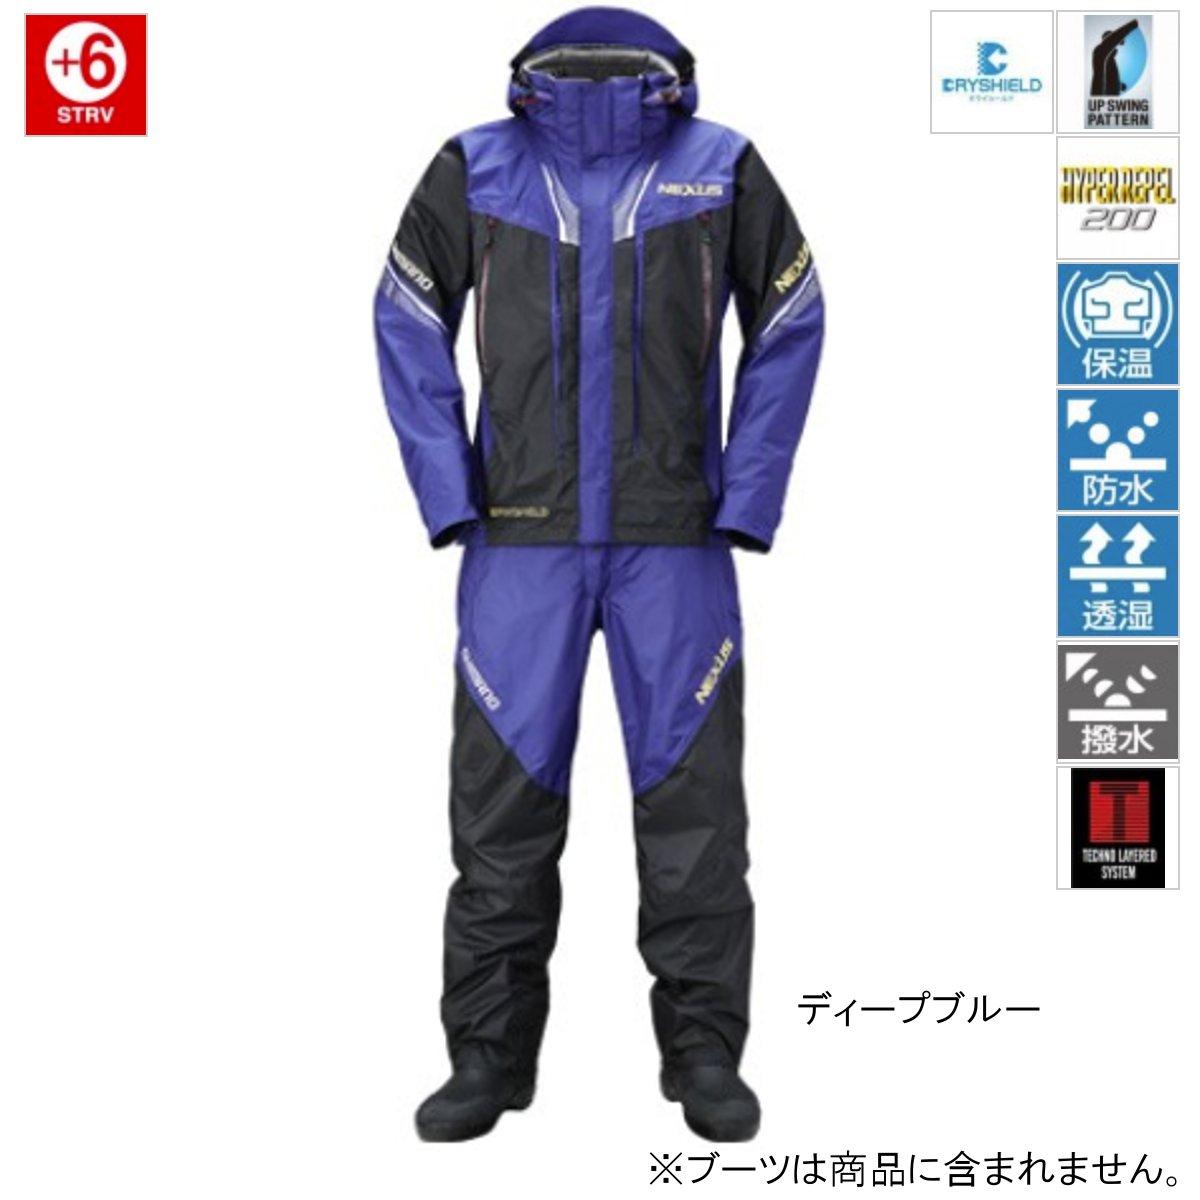 シマノ NEXUS・DSプロテクトスーツ XT RT-125R 2XL ディープブルー【送料無料】